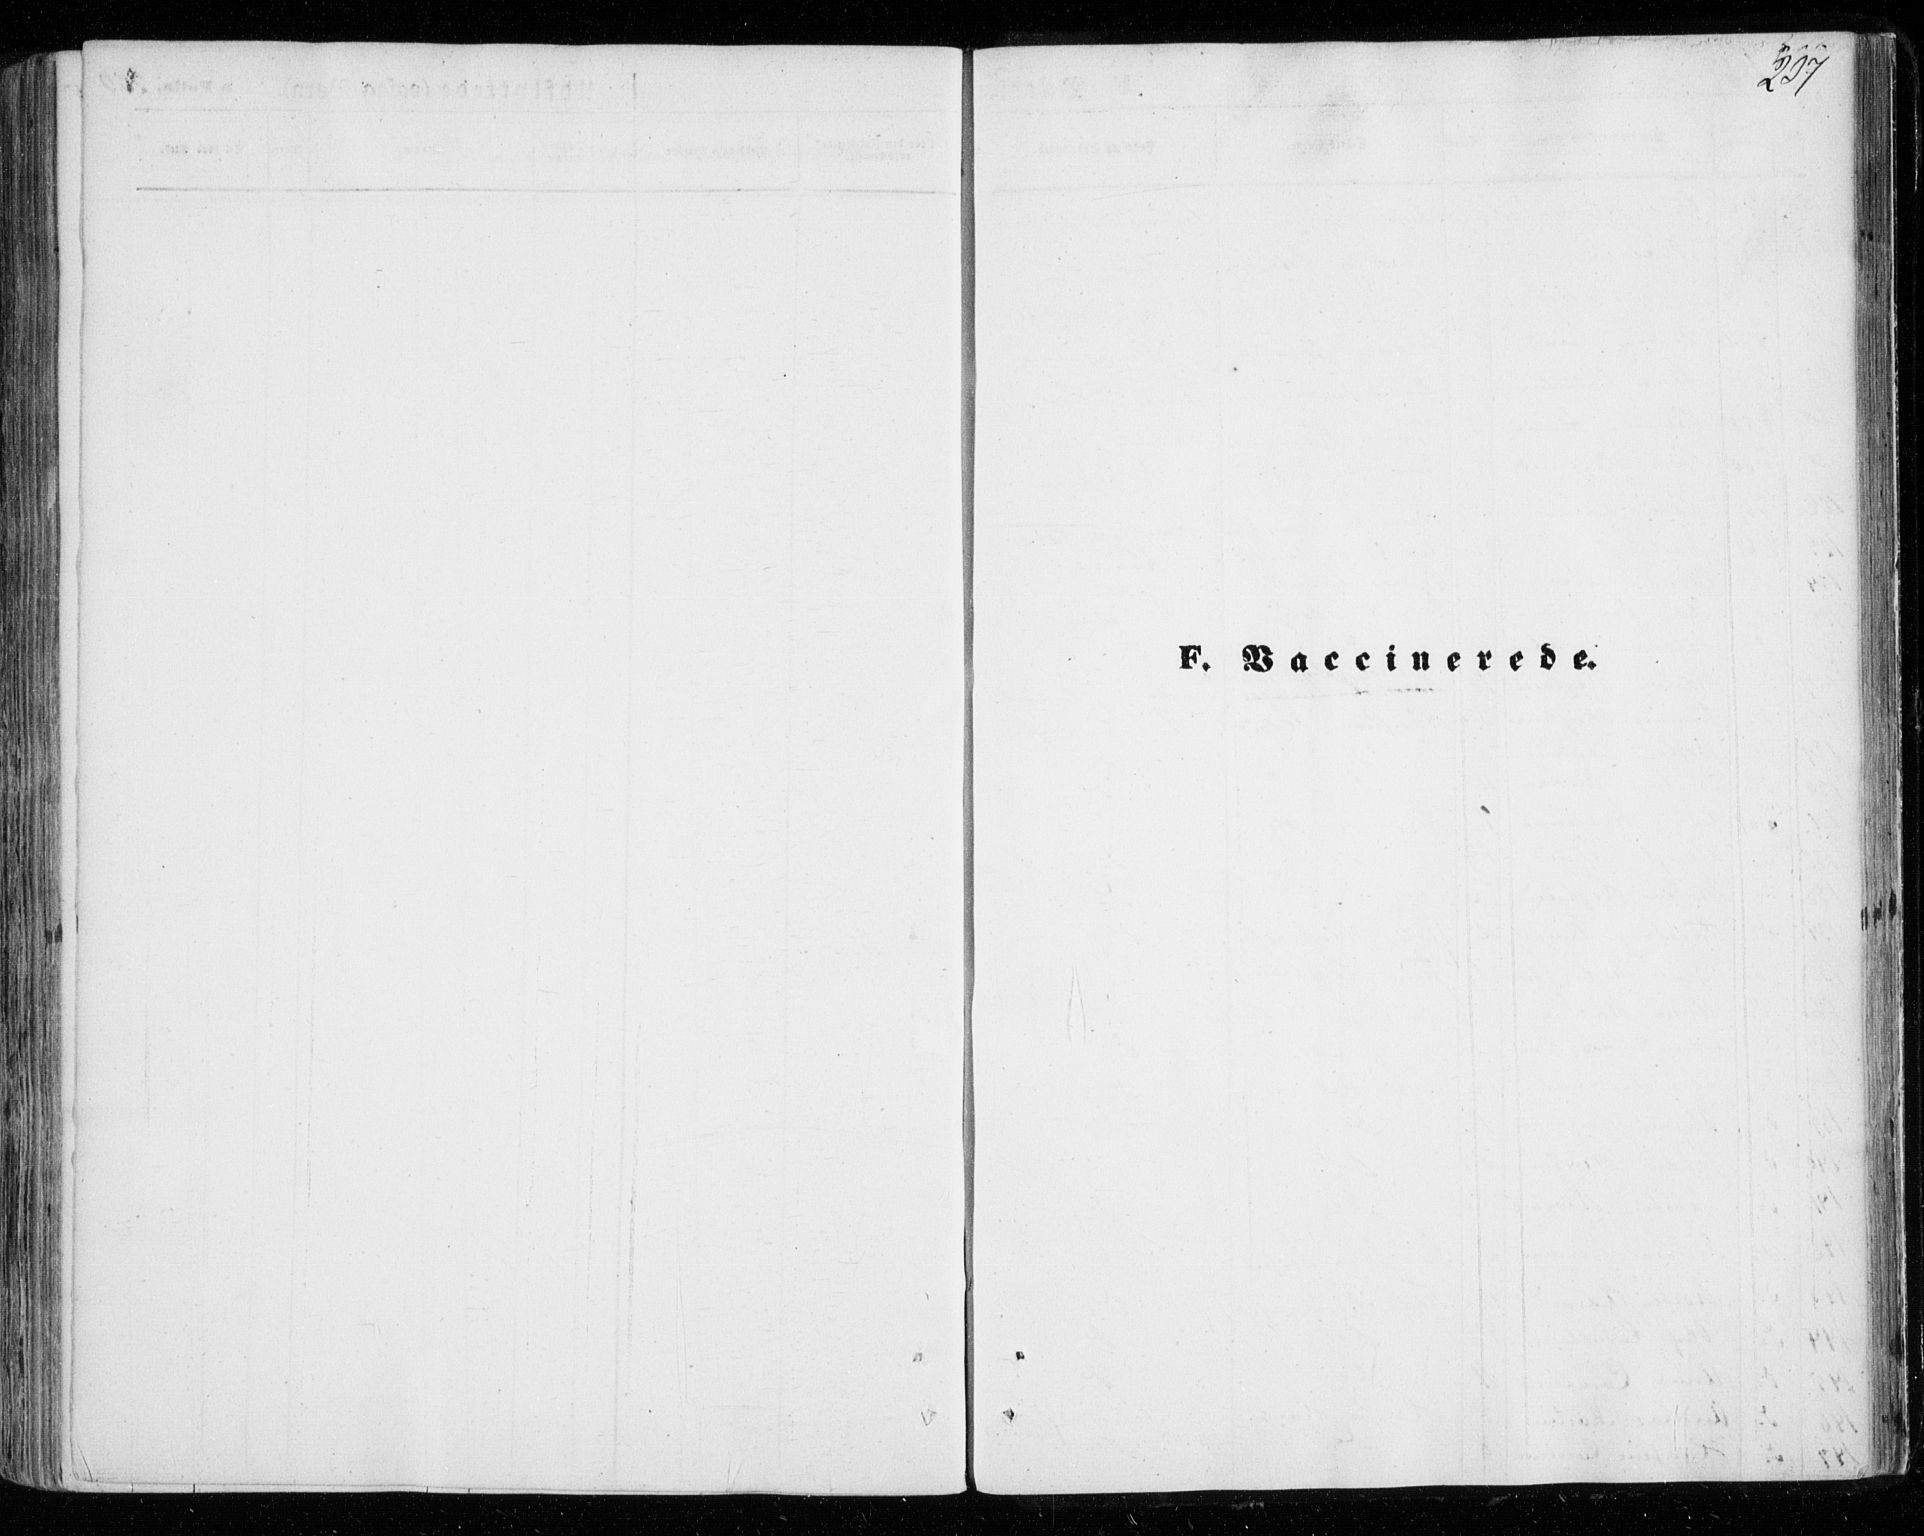 SATØ, Tromsøysund sokneprestkontor, G/Ga/L0002kirke: Parish register (official) no. 2, 1867-1875, p. 237